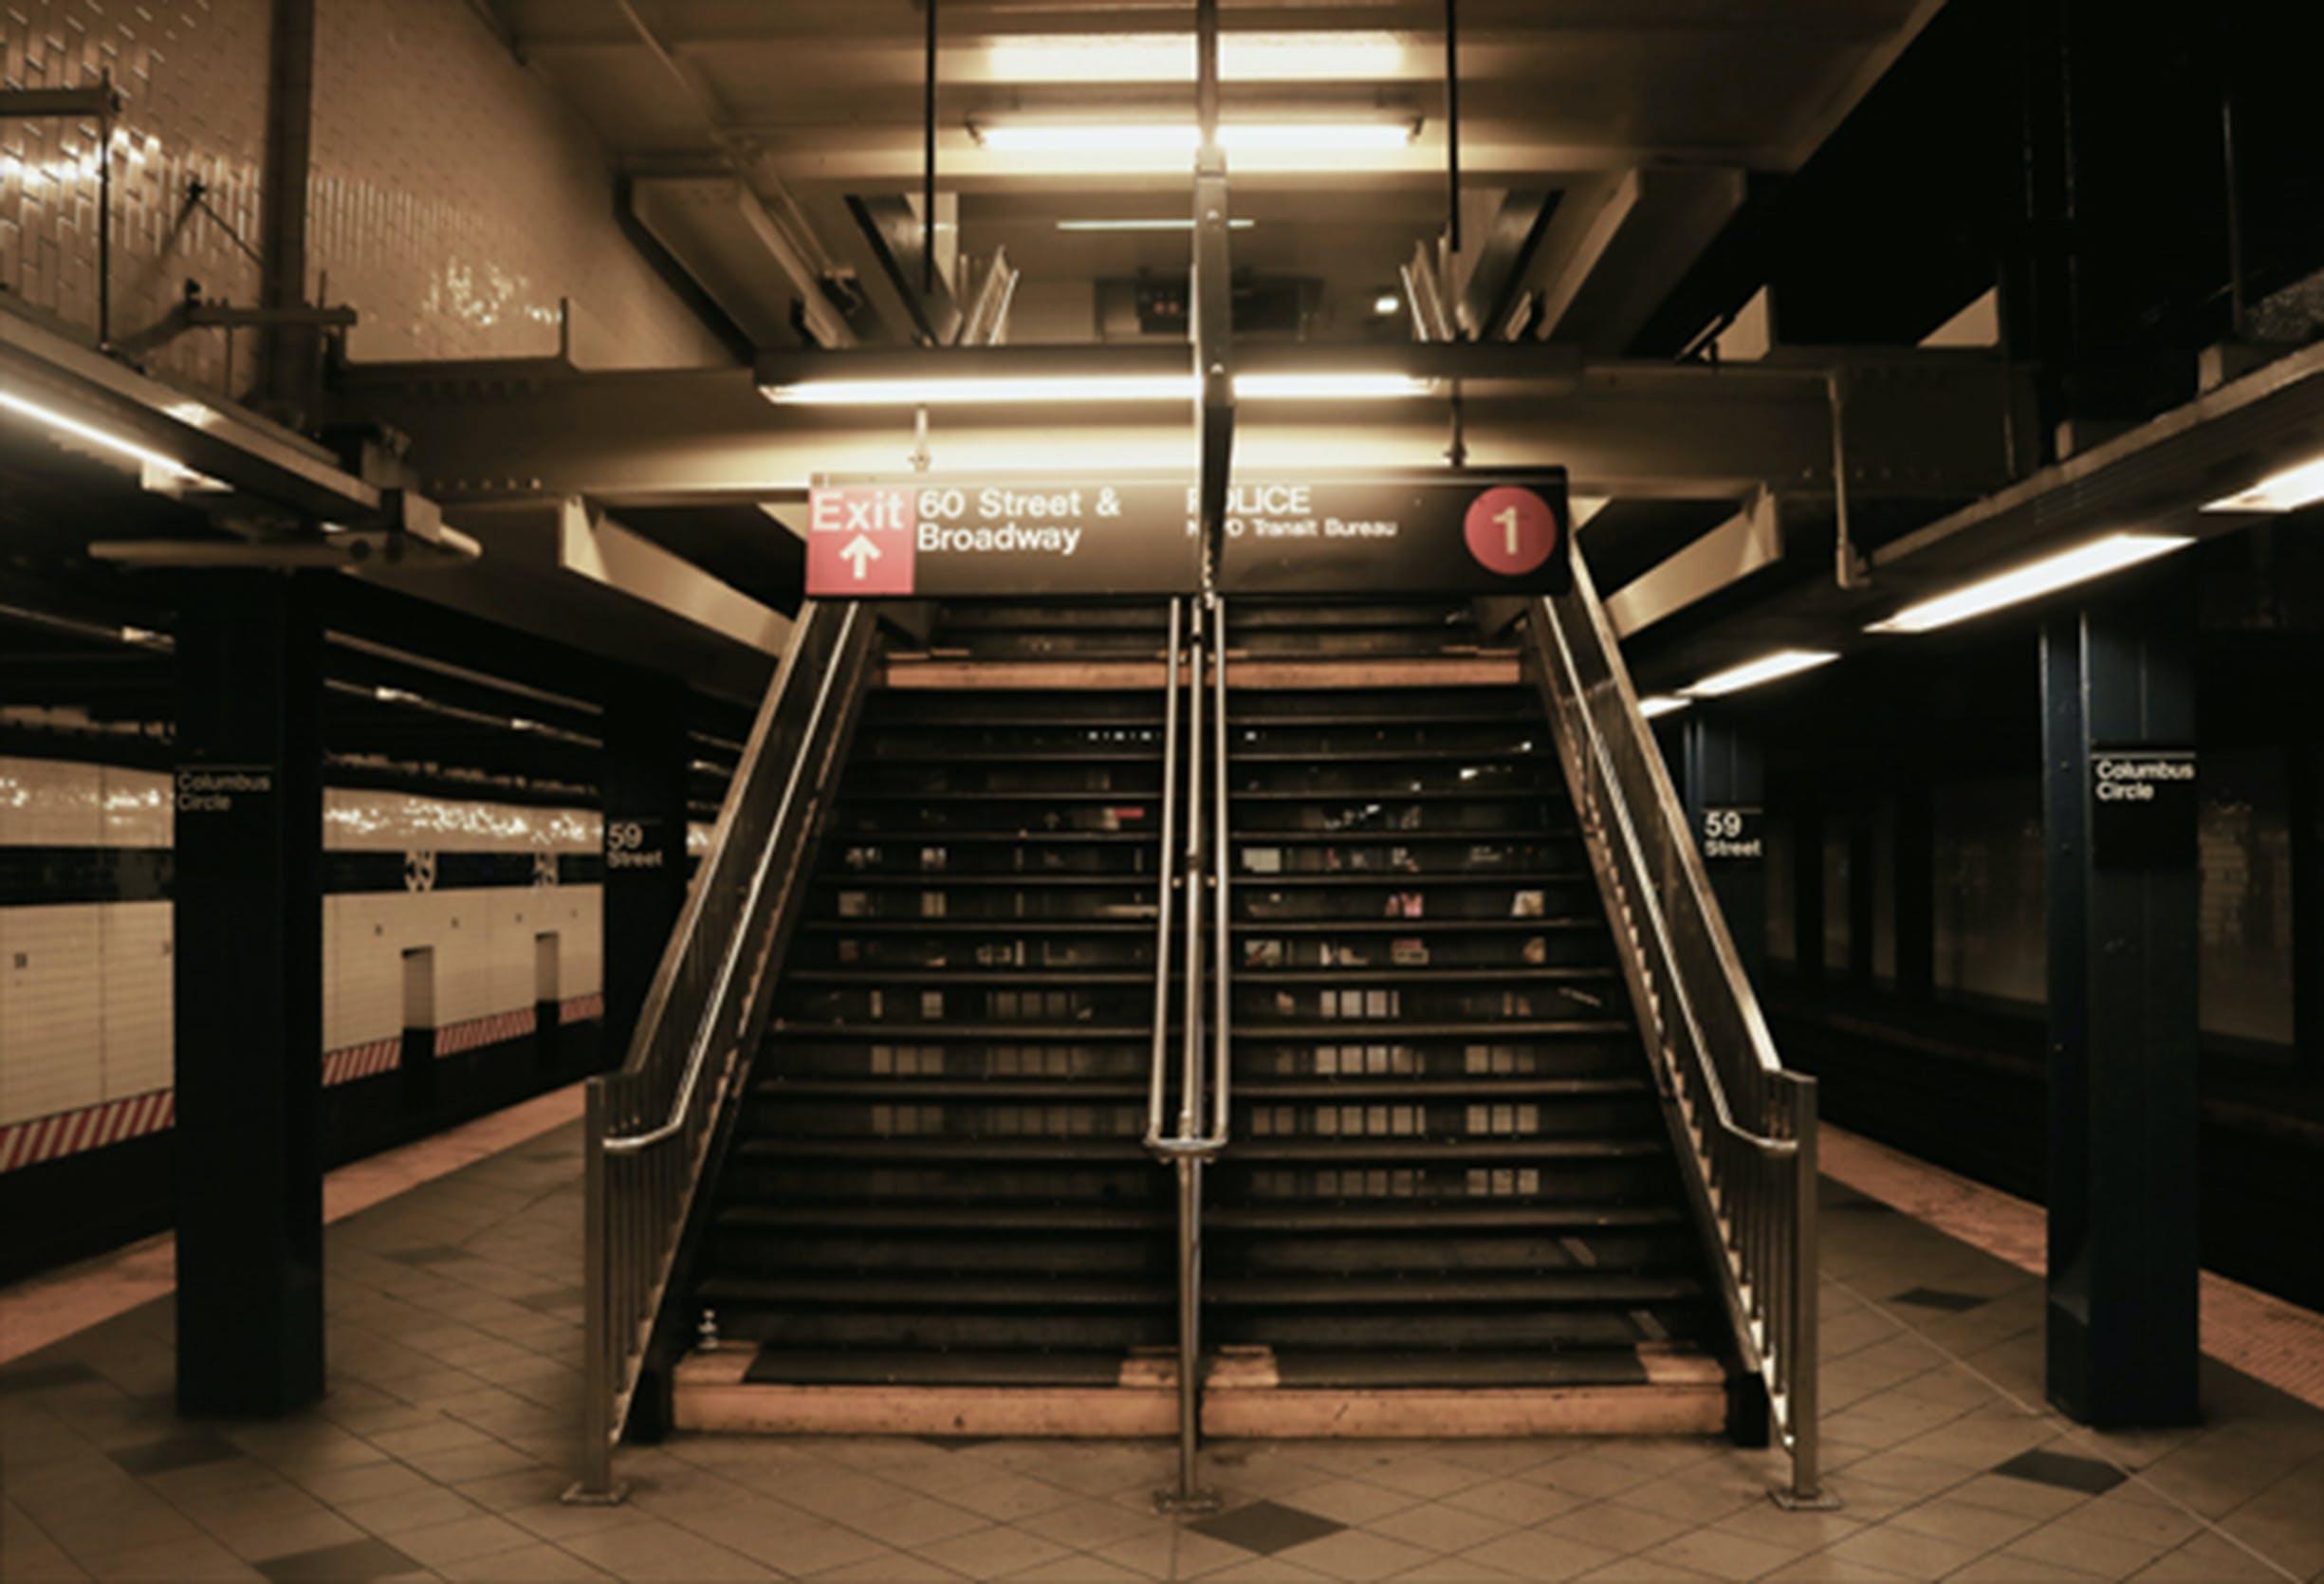 Free stock photo of #mass transit, #mass transportation, #metro transit, #new york city